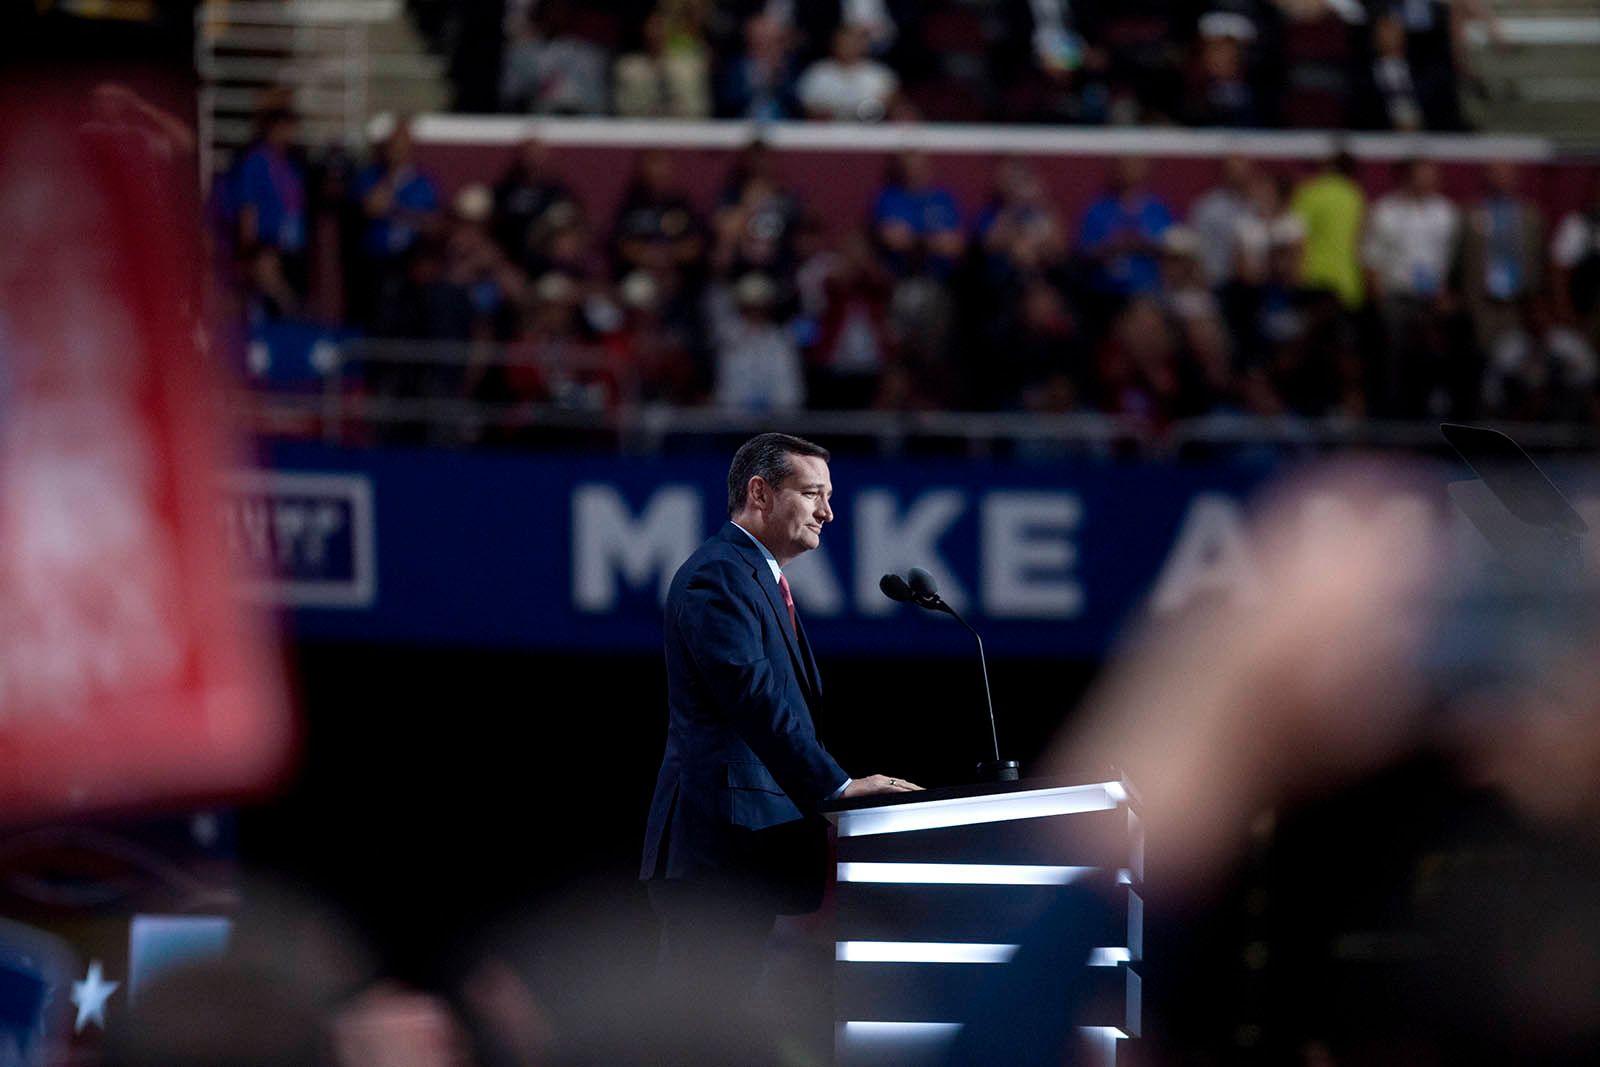 TIDLIGERE RIVALER: Donald Trump og Ted Cruz kjempet mot hverandre med nebb og klør i nominasjonsprosessen. Her fra Cruz' tale i natt.